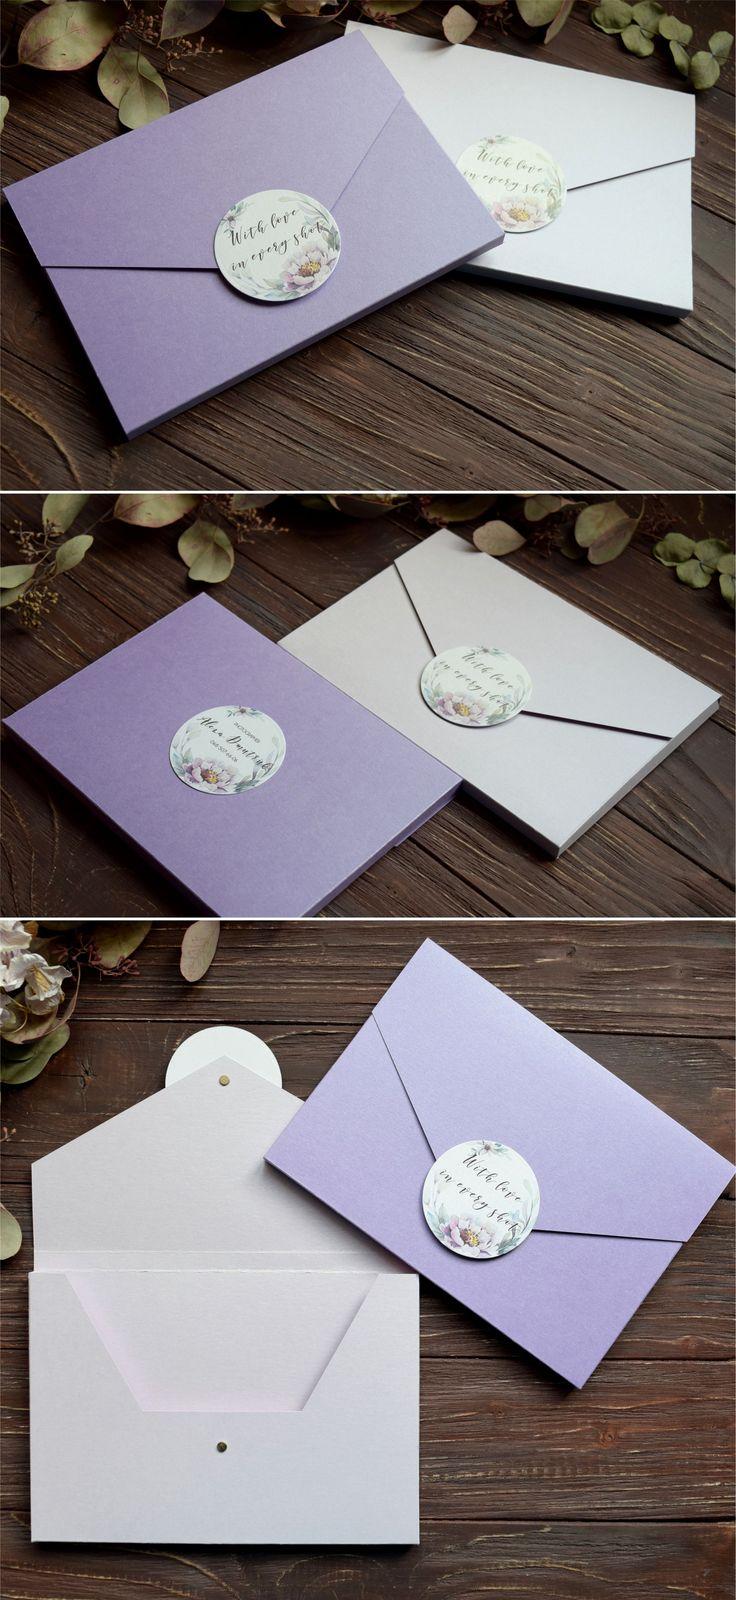 Еnvelopes for photos. Production for photographers. Конверты для фото.  Продукция для фотографов https://www.vk.com/ks_box https://www.facebook.com/ks.designvision